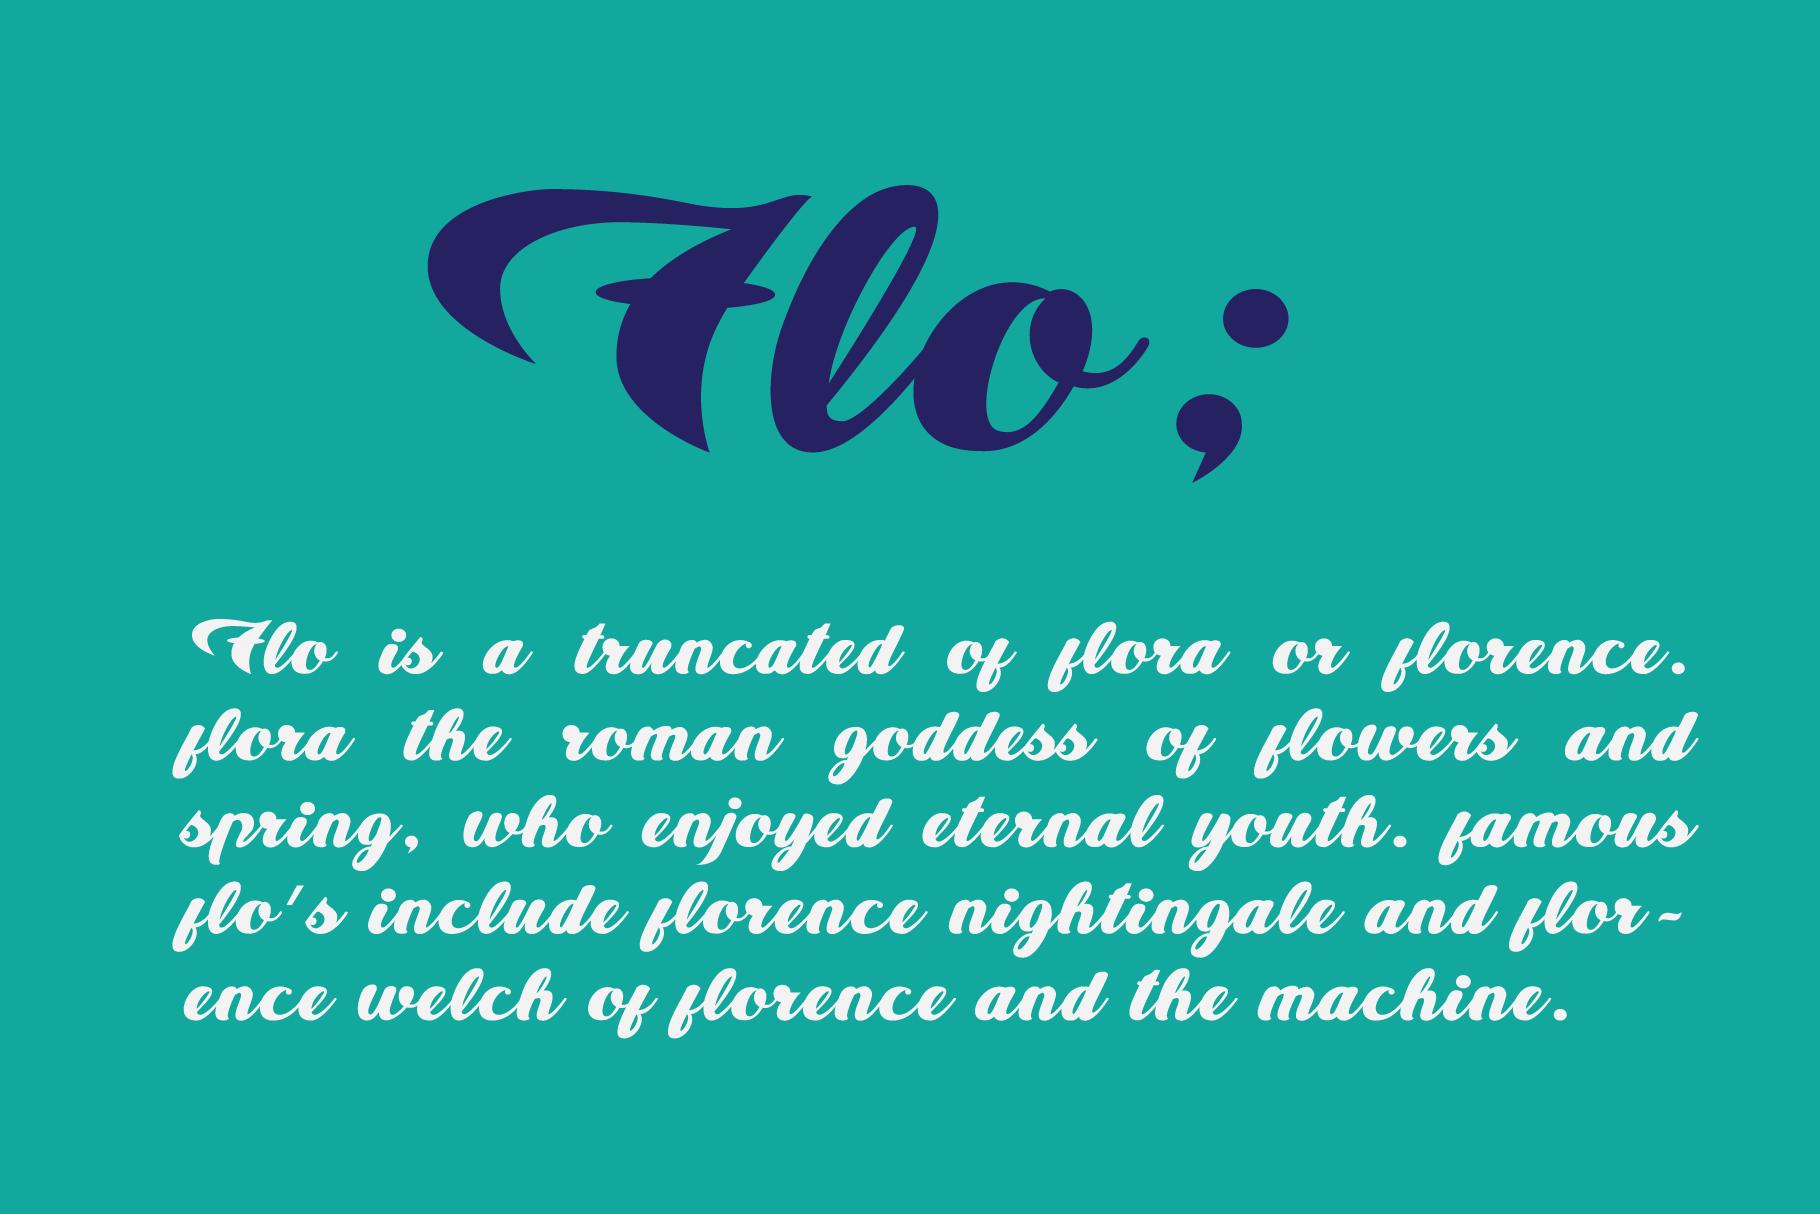 Alire example image 7